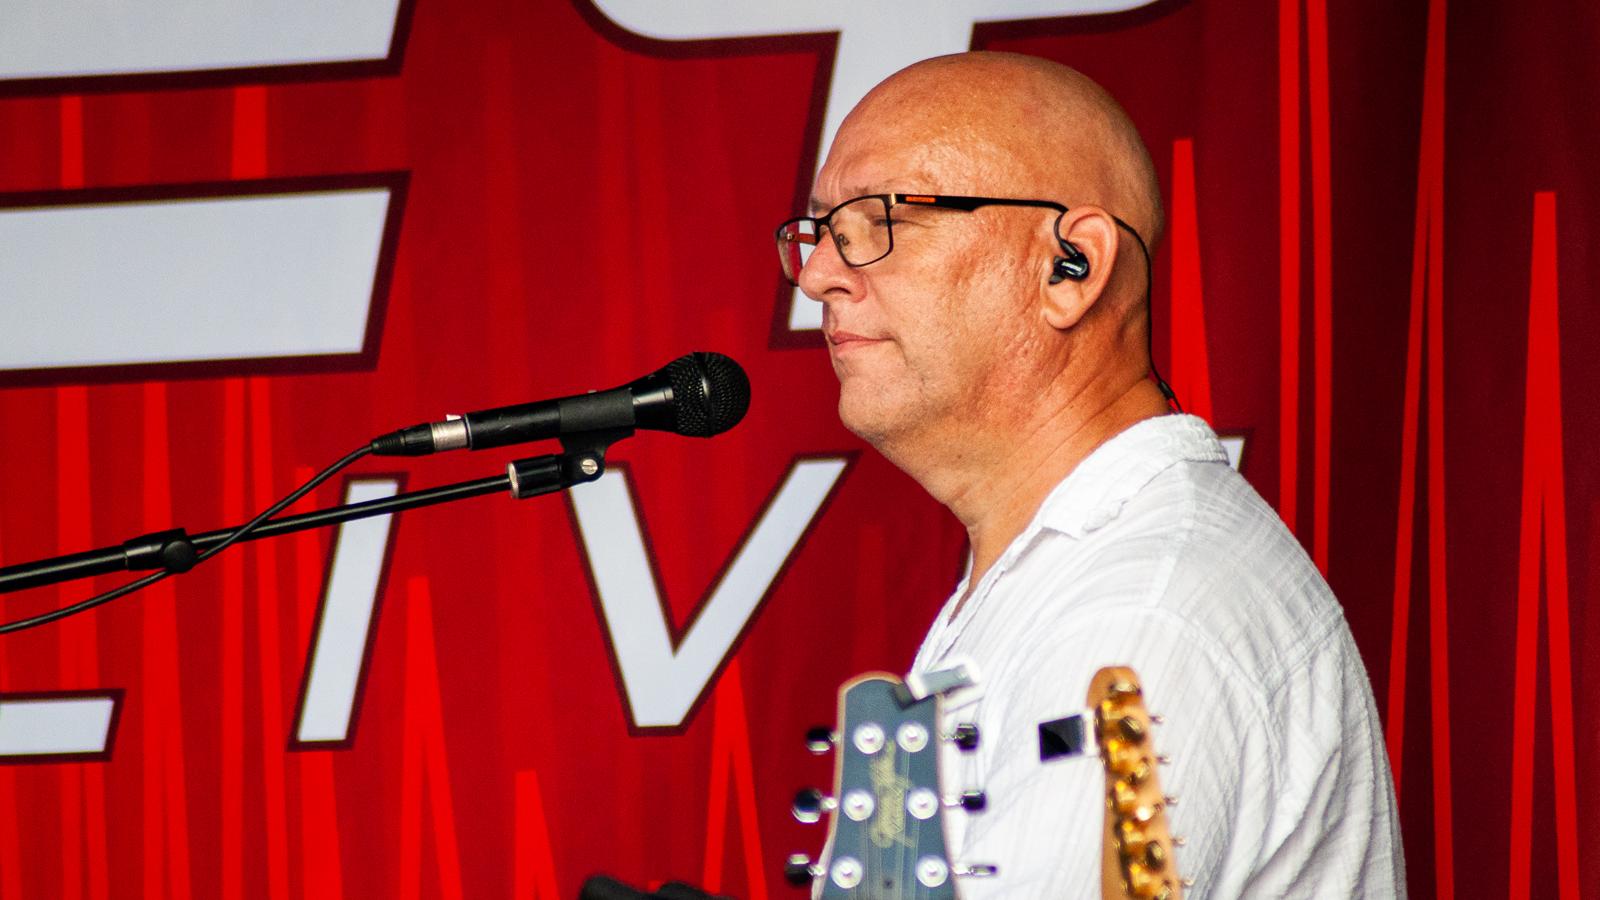 Ole Lund Sørensen